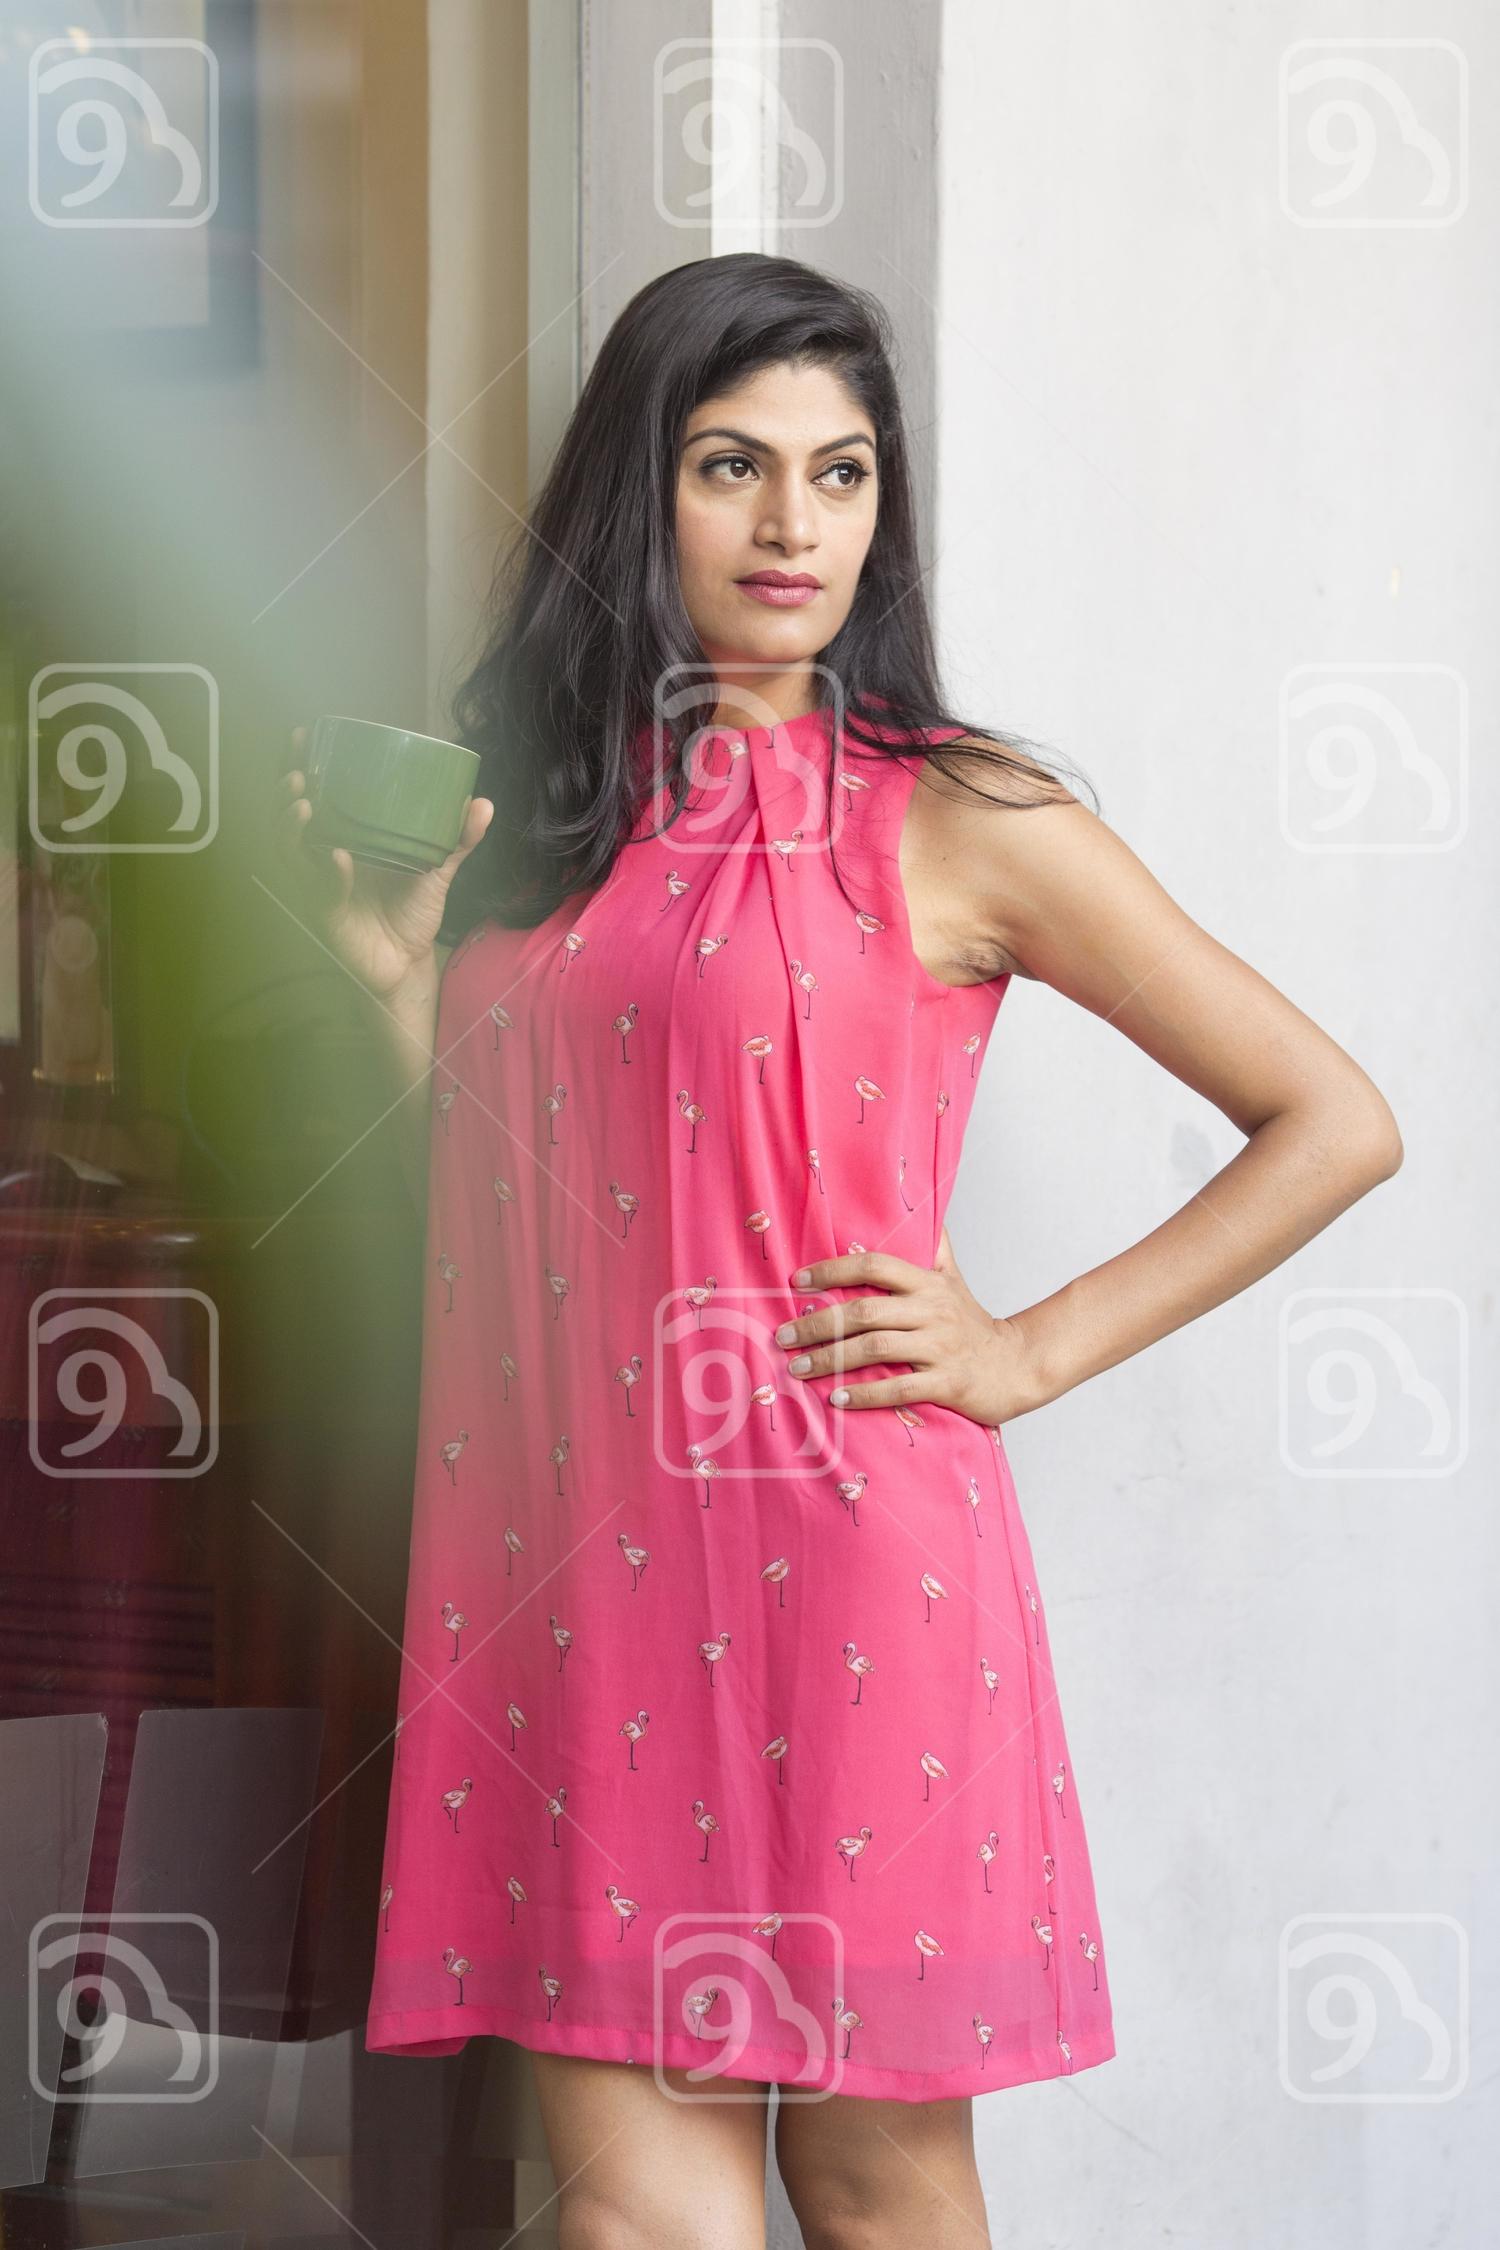 Posing beautiful woman